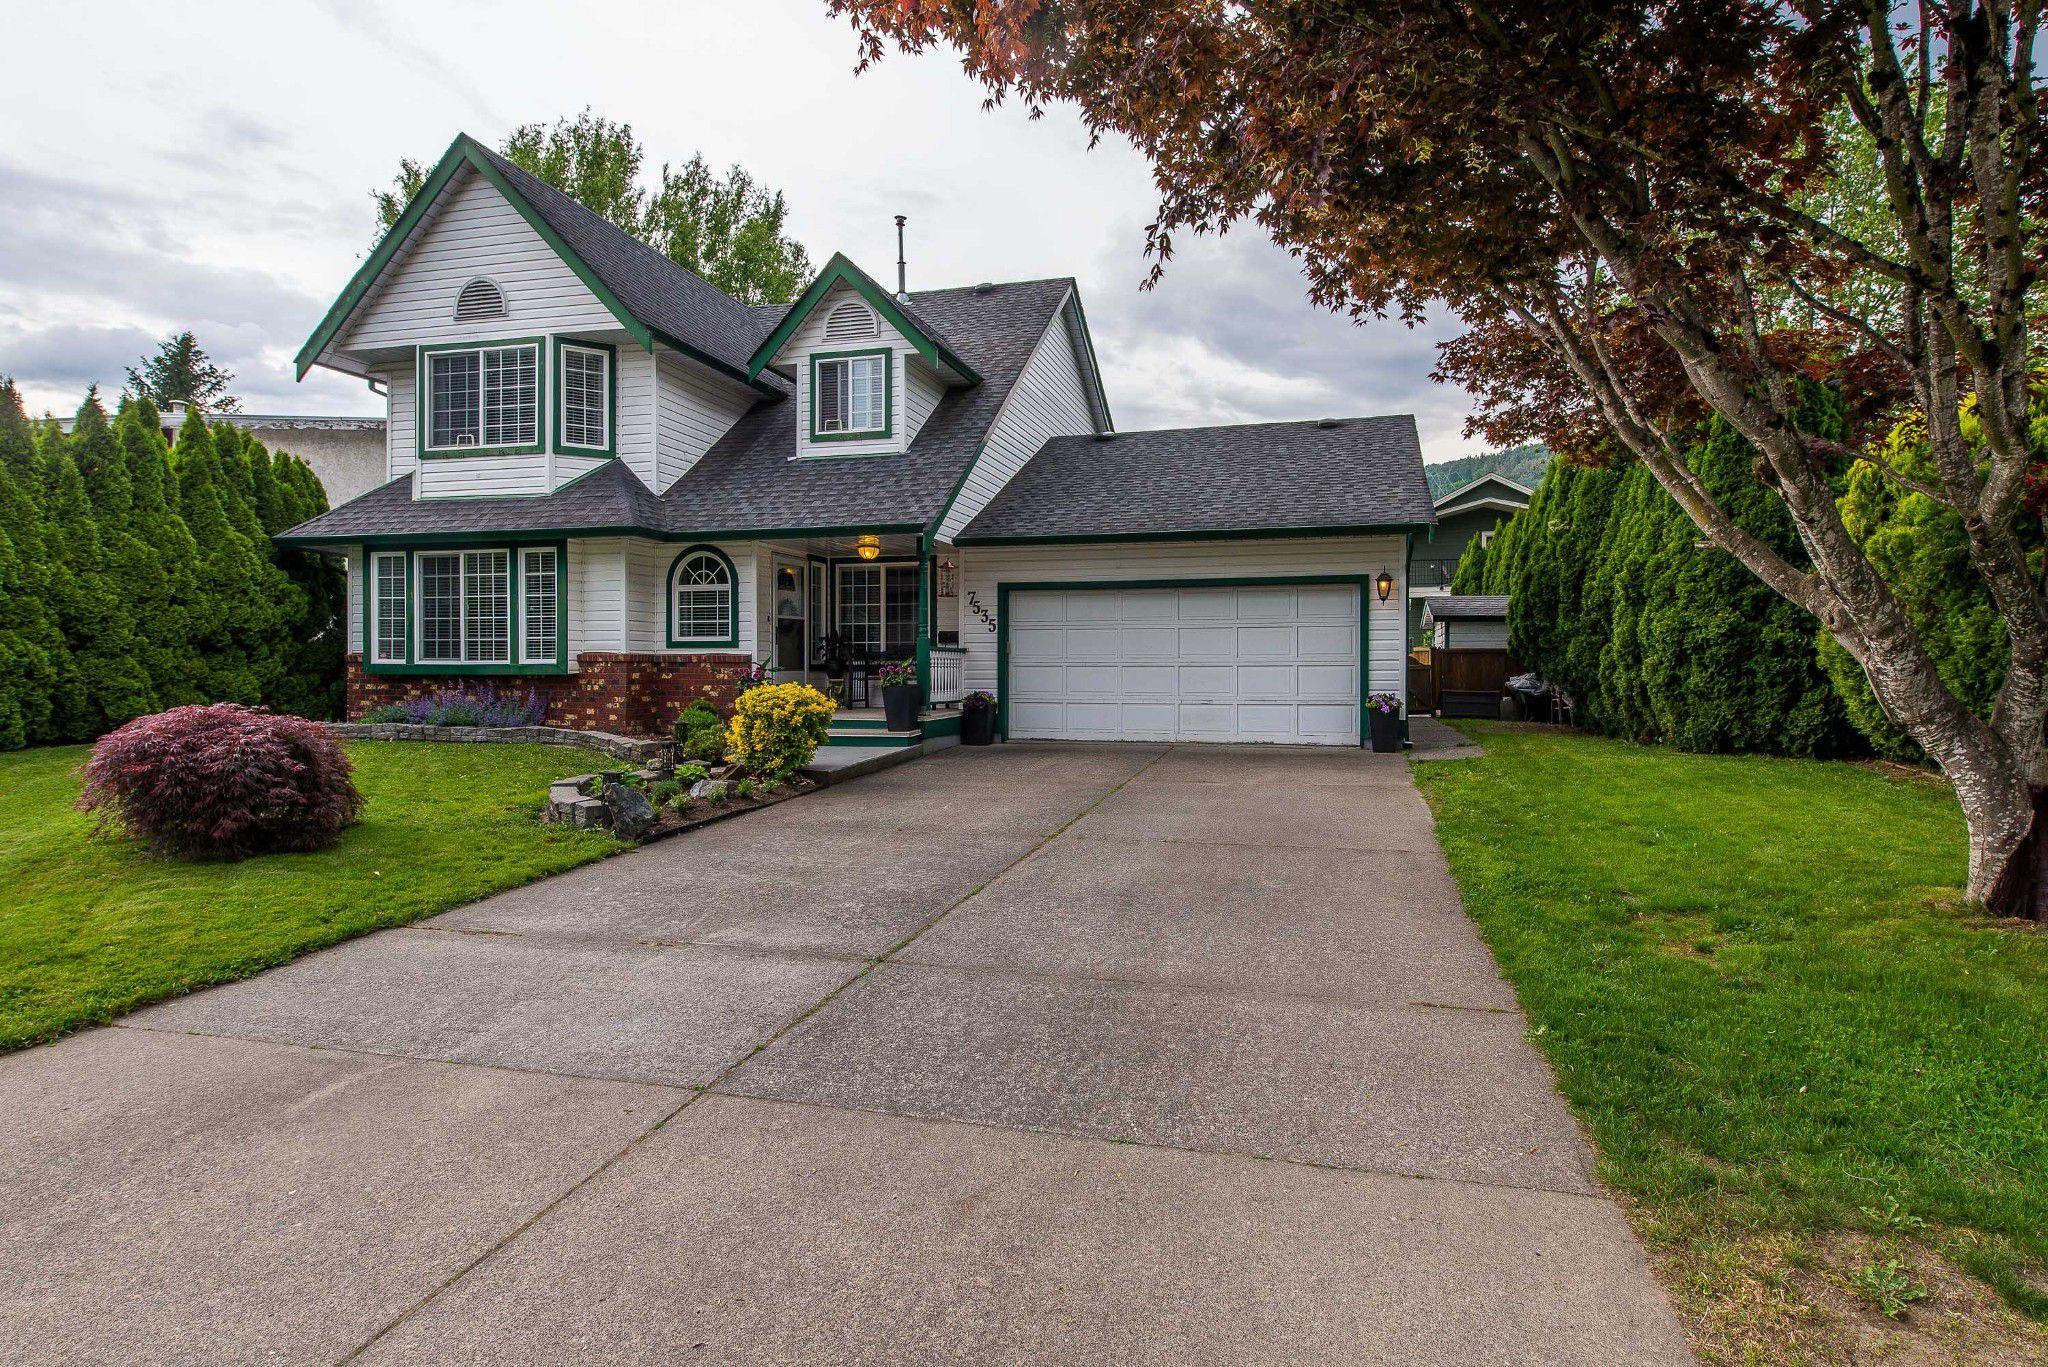 Main Photo: 7535 LAUREL PLACE: Agassiz House for sale : MLS®# R2371543